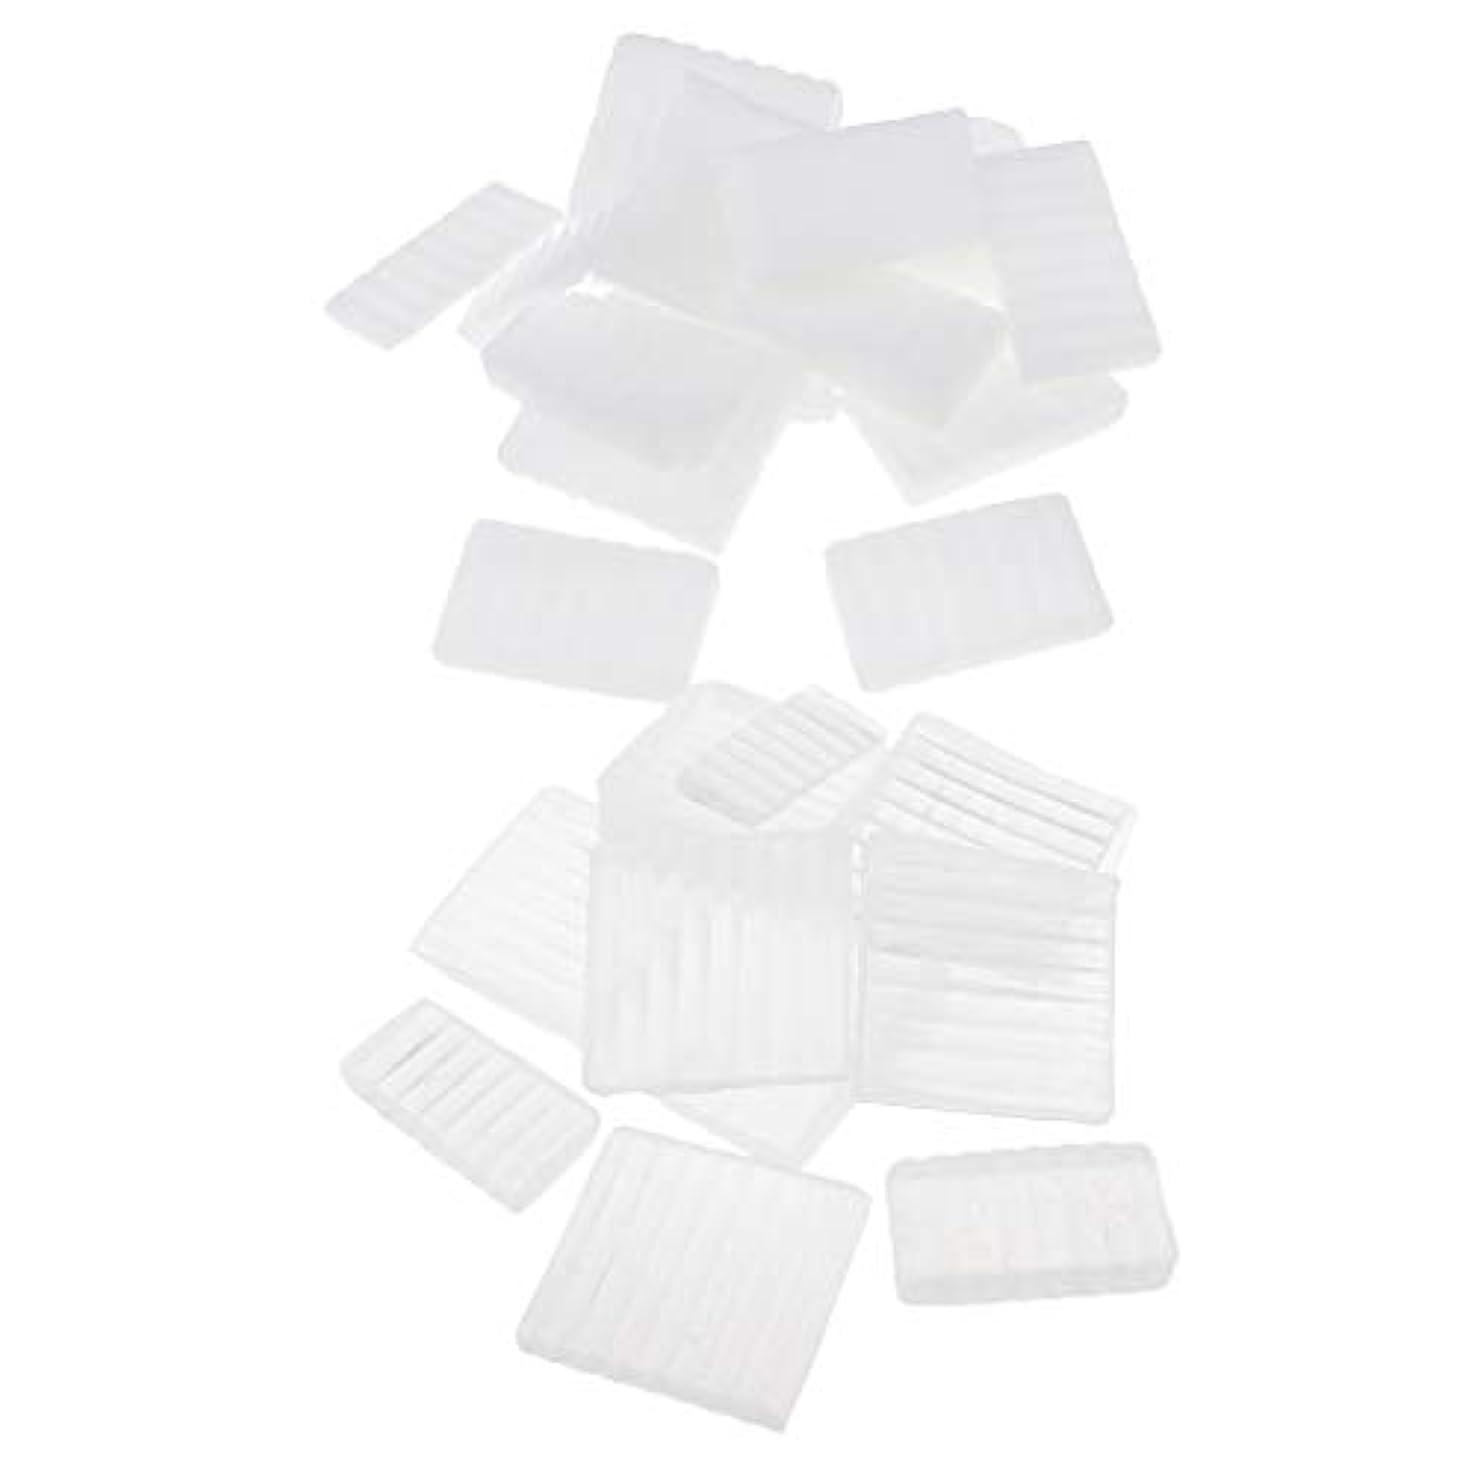 ジョブエキゾチック困惑したdailymall 石鹸ベース ソープメイキング素材 ソープ グリセリンソープ ハンドメイド 石鹸材料